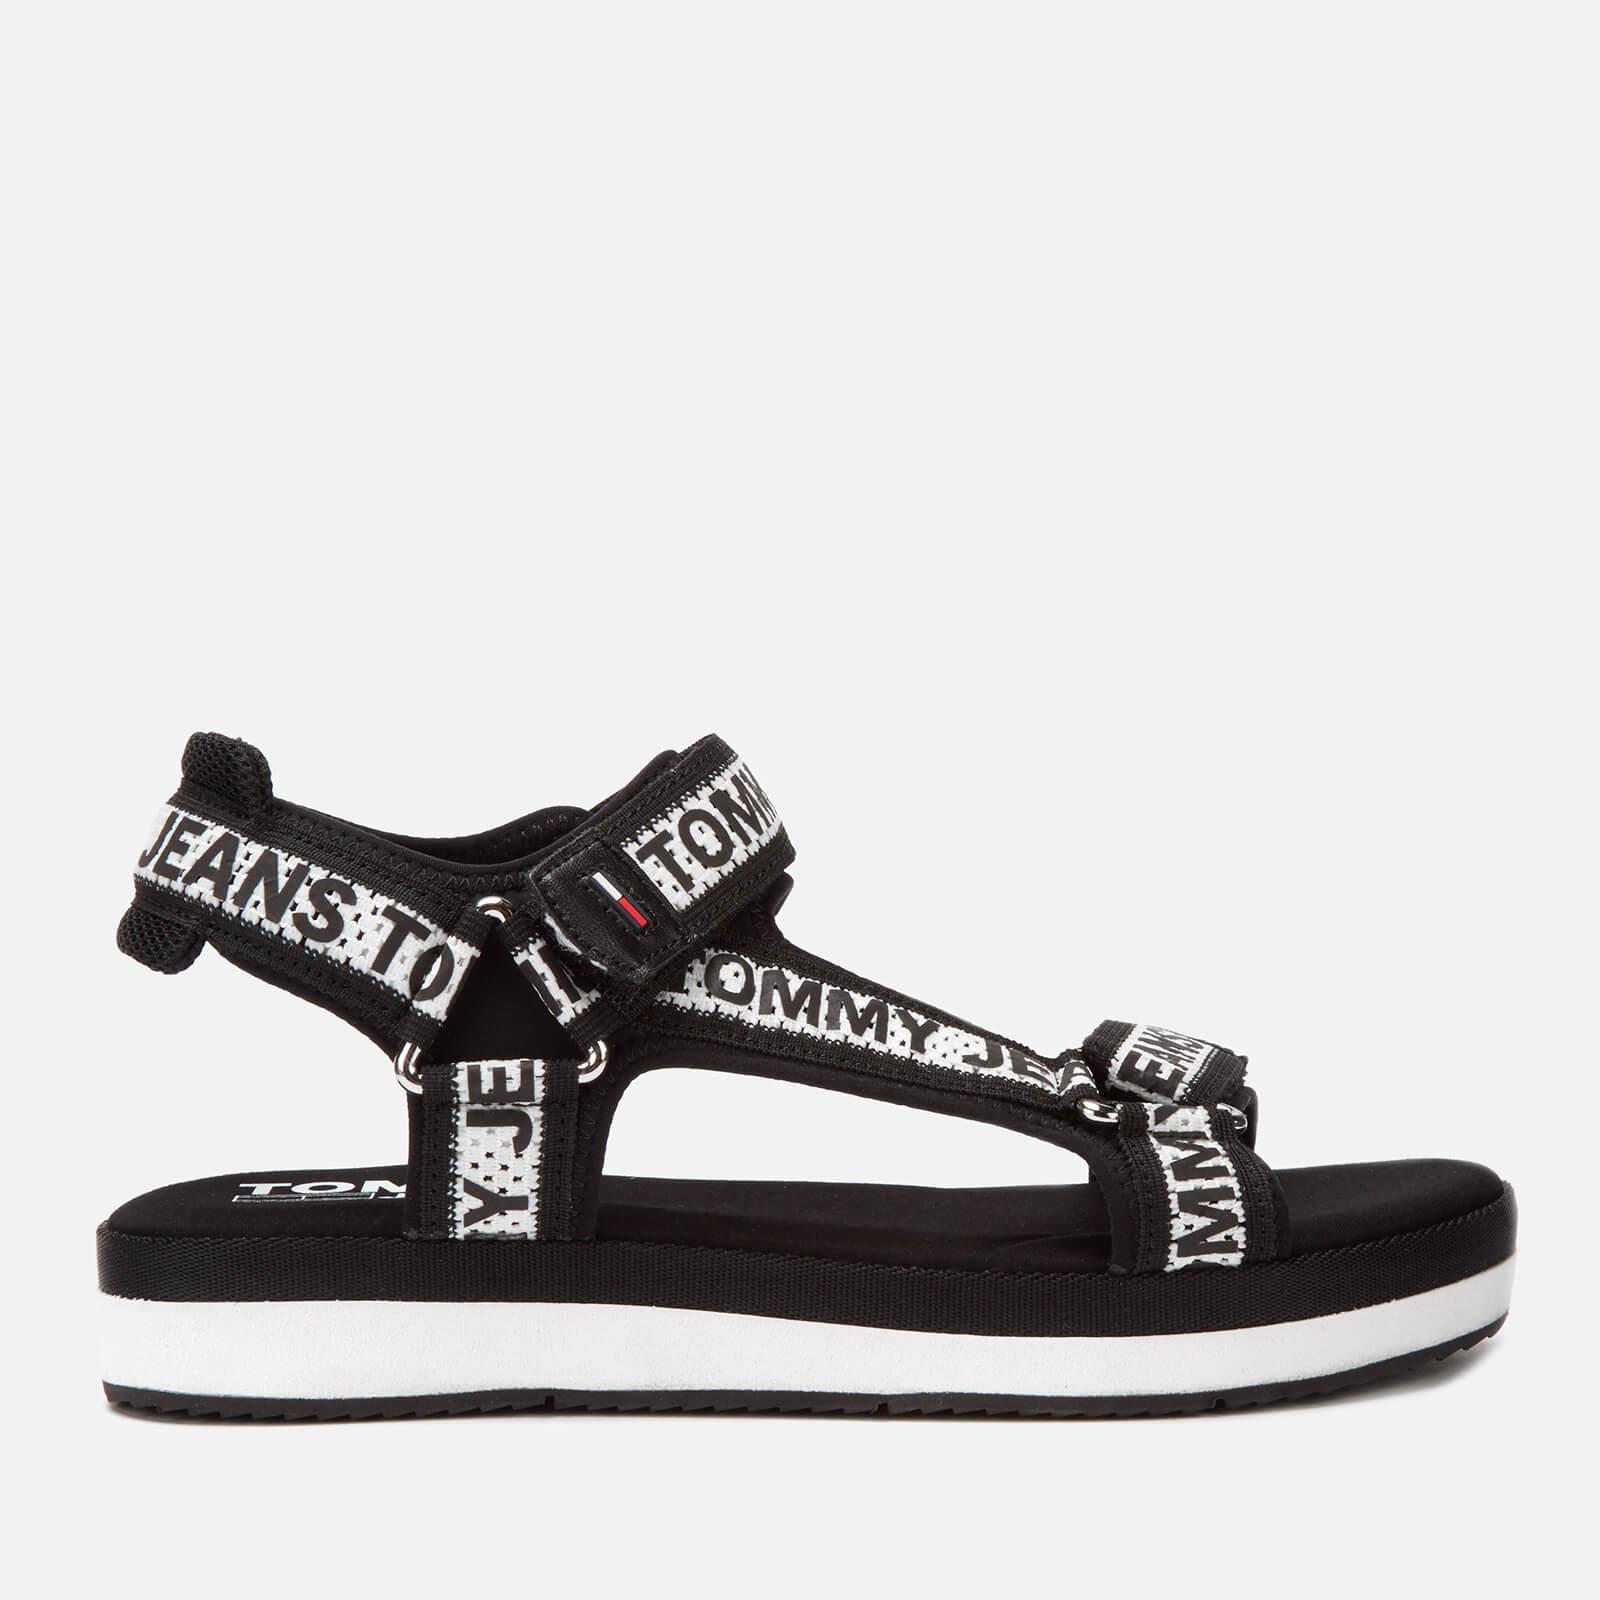 Tommy Jeans Women's Mesh Webbing Sport Sandals - Black - UK 6 - Black